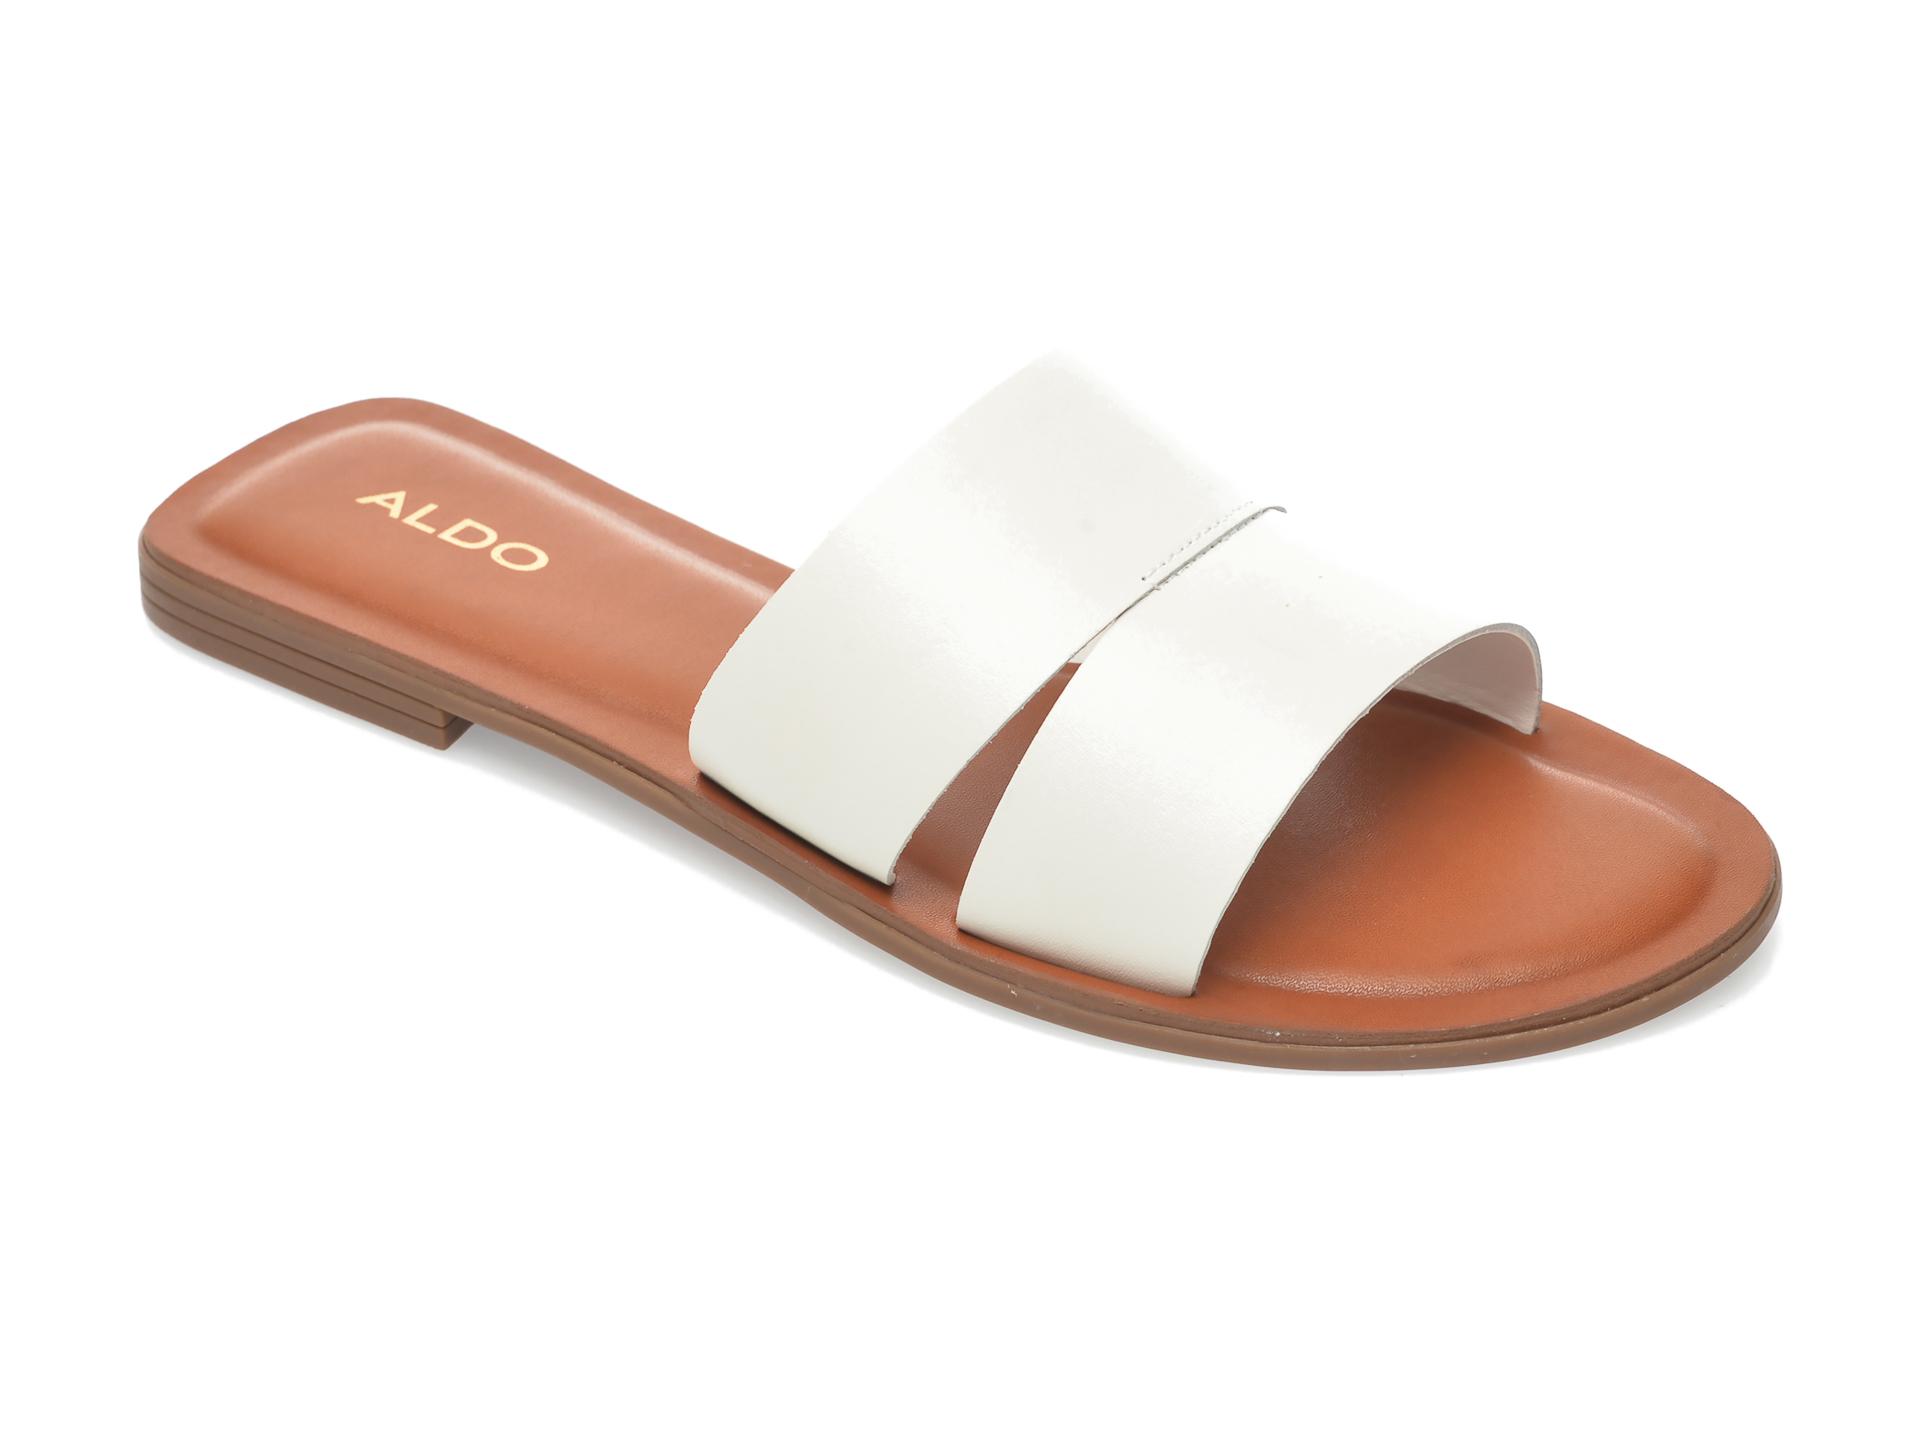 Papuci ALDO albi, Andonia100, din piele naturala imagine otter.ro 2021